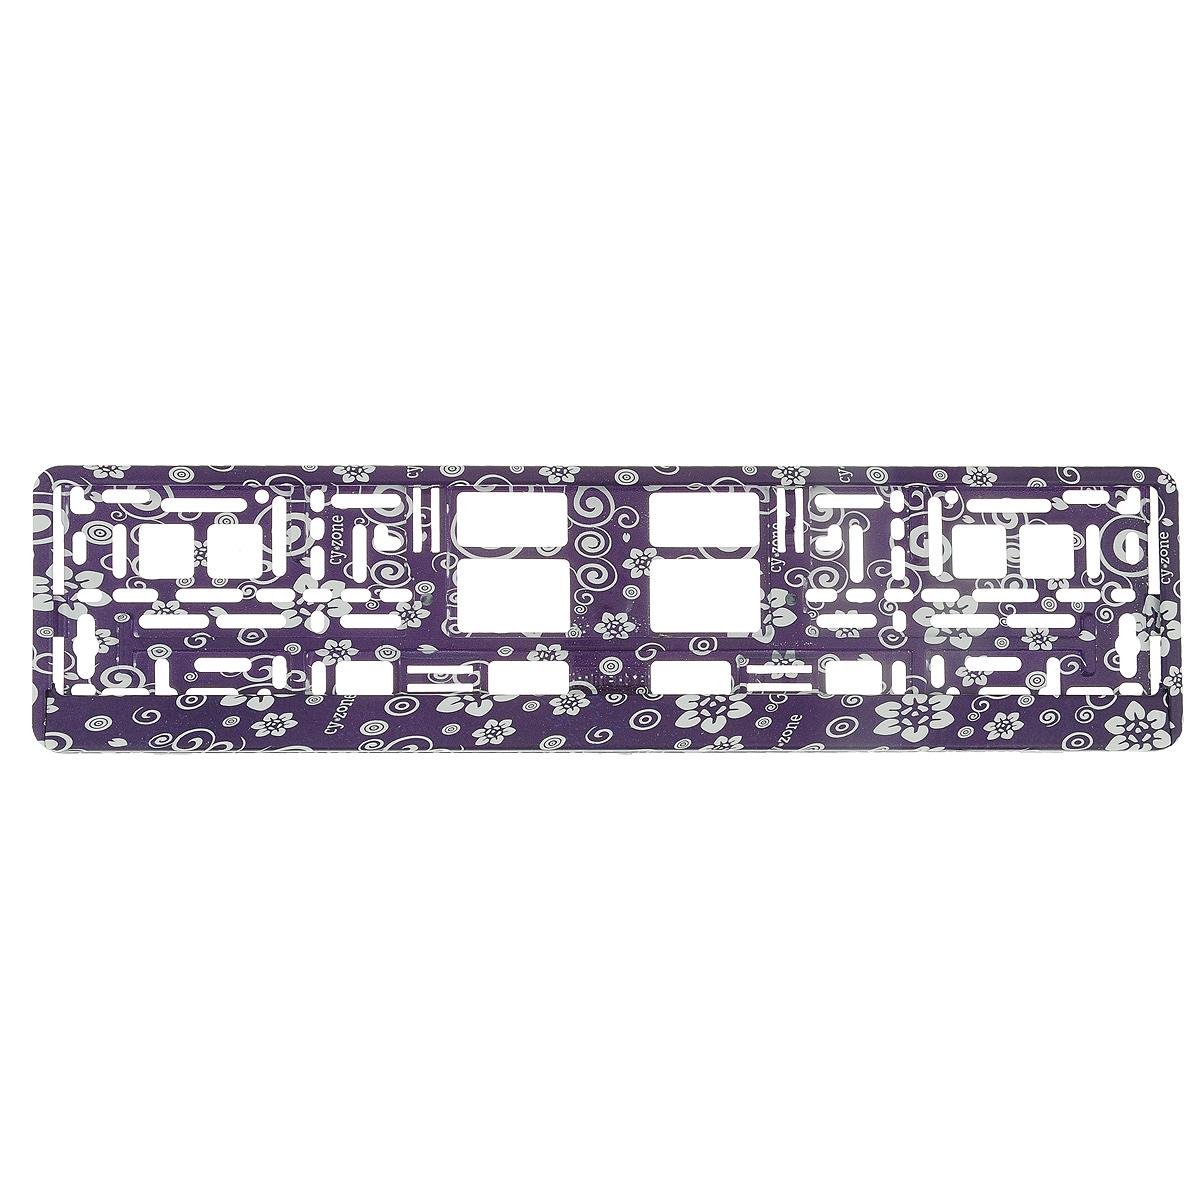 Рамка под номер Цветы, цвет: фиолетовыйЗ0000014150Рамка Цветы не только закрепит регистрационный знак на вашем автомобиле, но и красиво его оформит. Основание рамки выполнено из полипропилена, материал лицевой панели - пластик. Она предназначена для крепления регистрационного знака российского и европейского образца, декорирована принтом. Устанавливается на все типы автомобилей. Крепления в комплект не входят. Стильный дизайн идеально впишется в экстерьер вашего автомобиля. Размер рамки: 53,5 см х 13,5 см. Размер регистрационного знака: 52,5 см х 11,5 см.